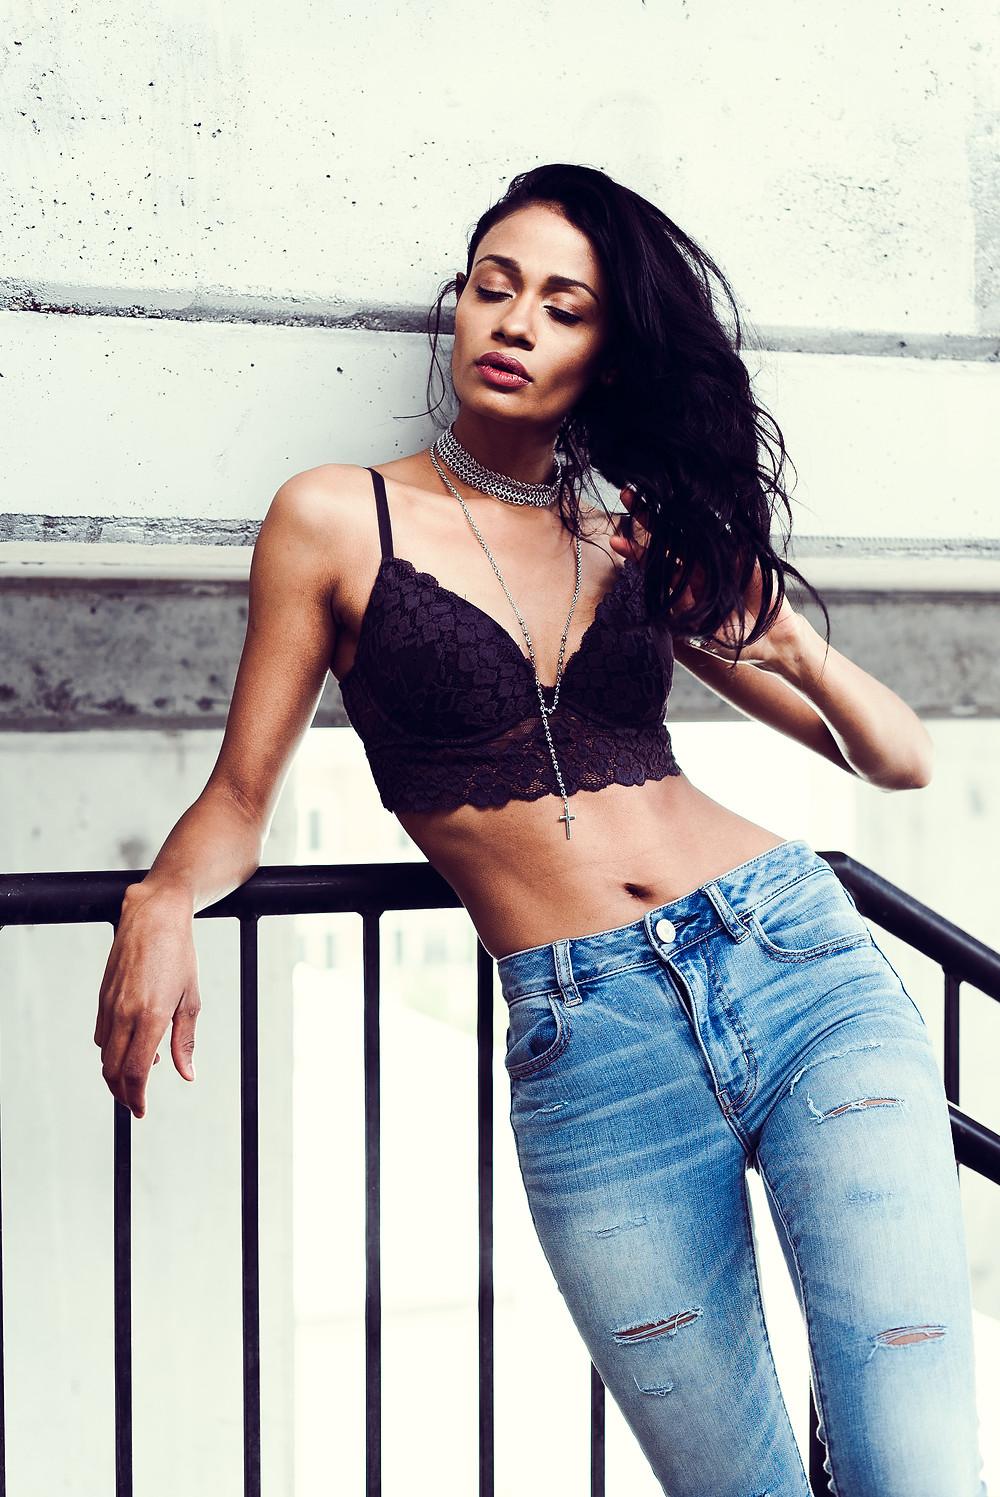 Street Fashion model in jeans